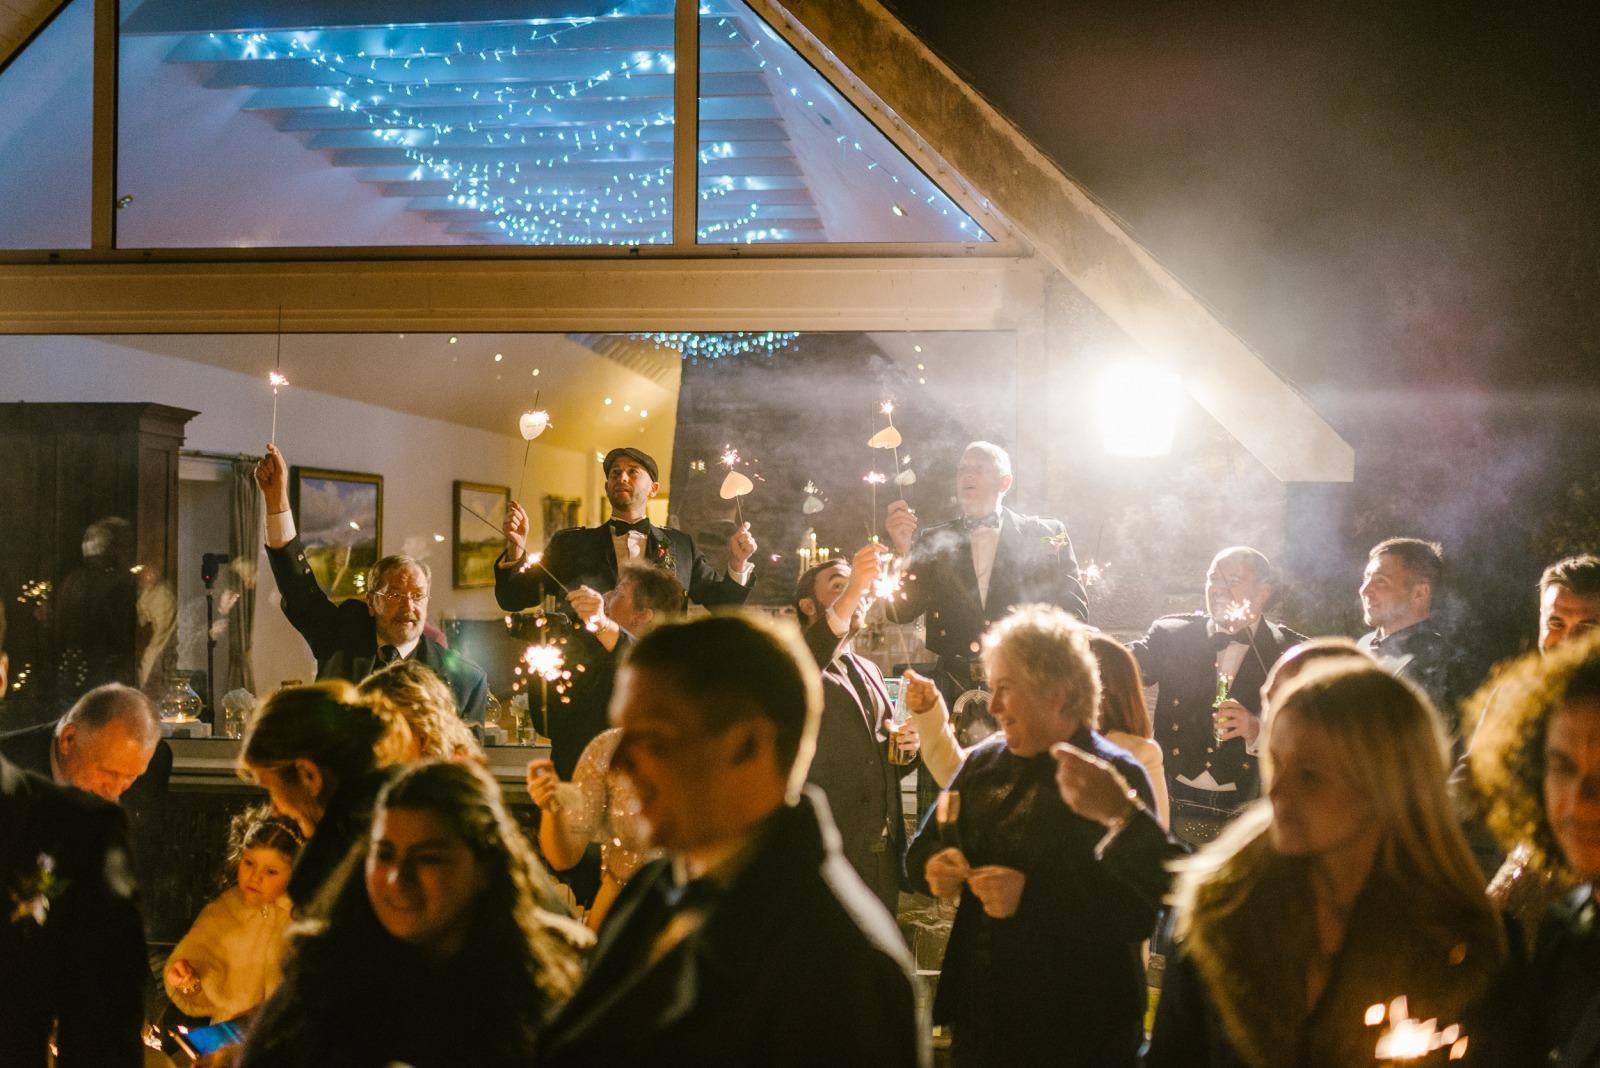 highward-house-wedding-526-of-372